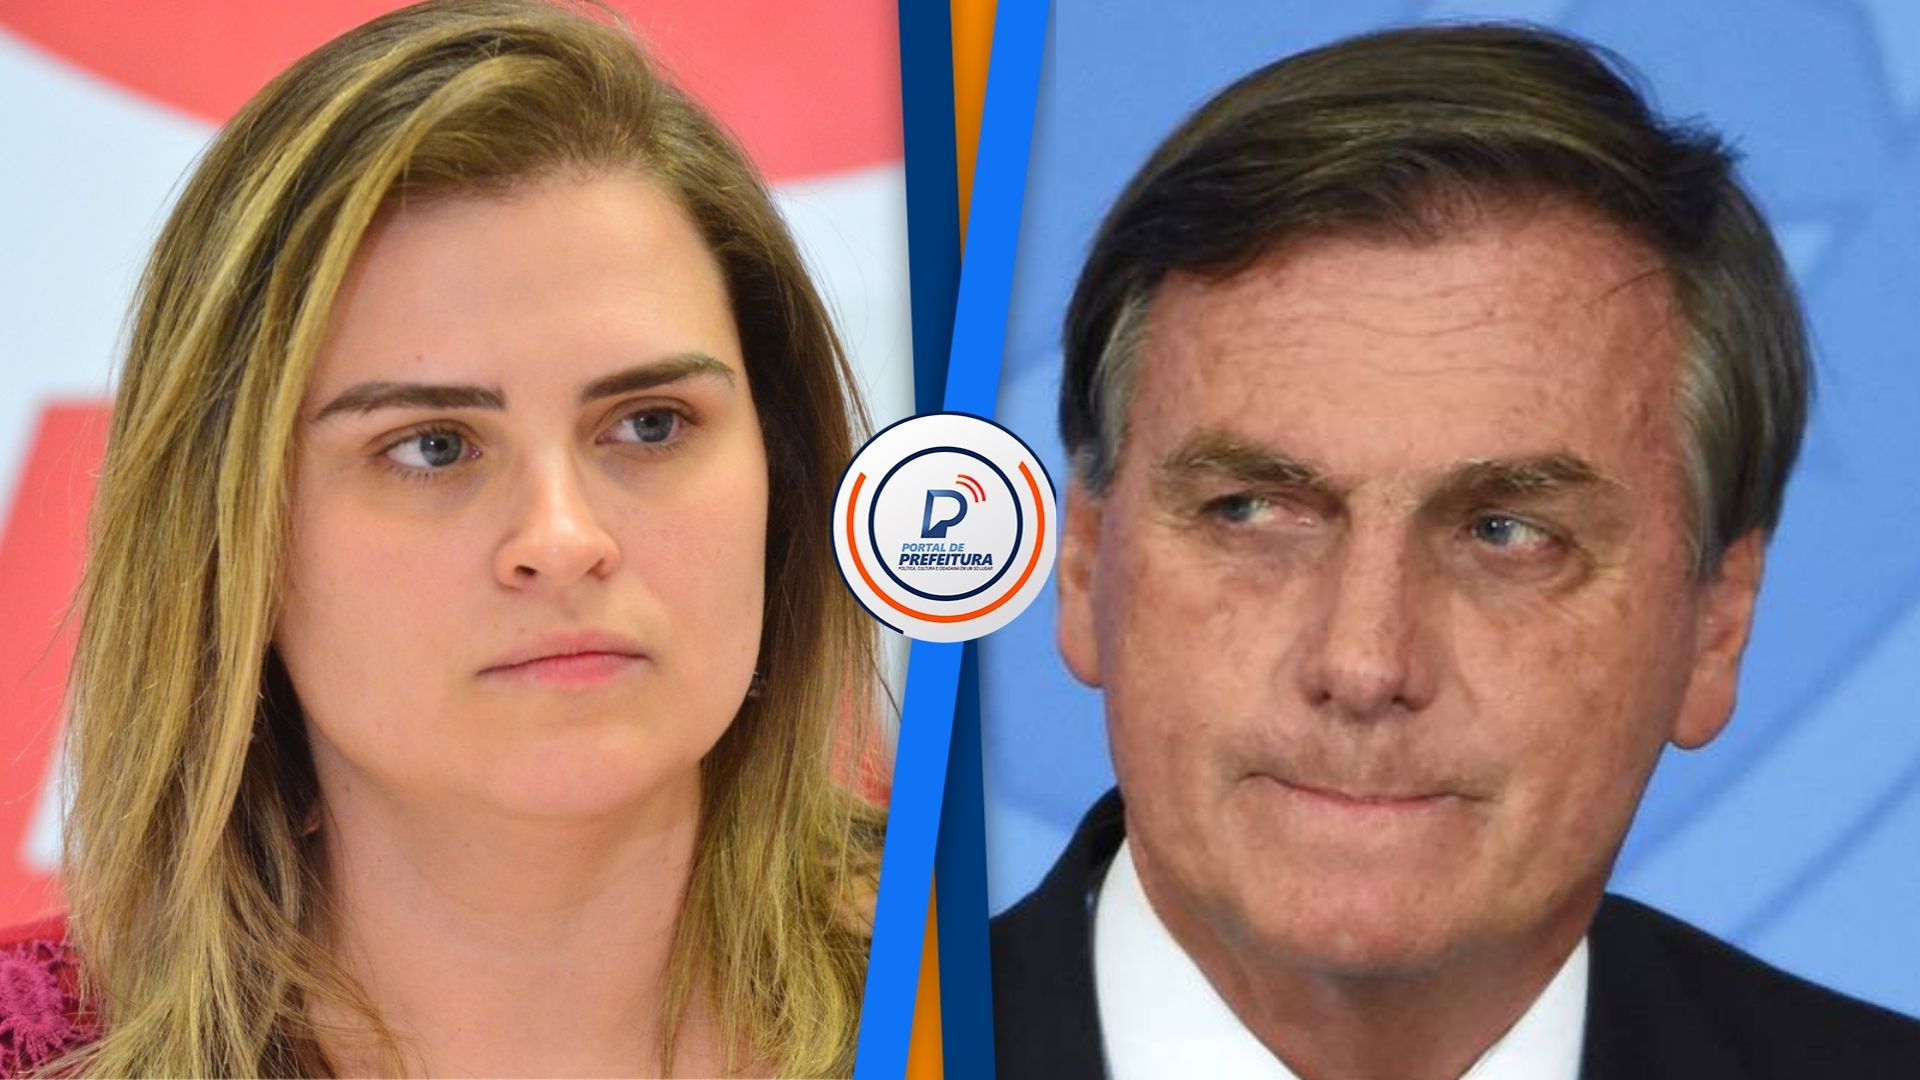 Marília Arraes faz mobilização para derrubar veto de Bolsonaro a PL que previa distribuição gratuita de absorvente feminino